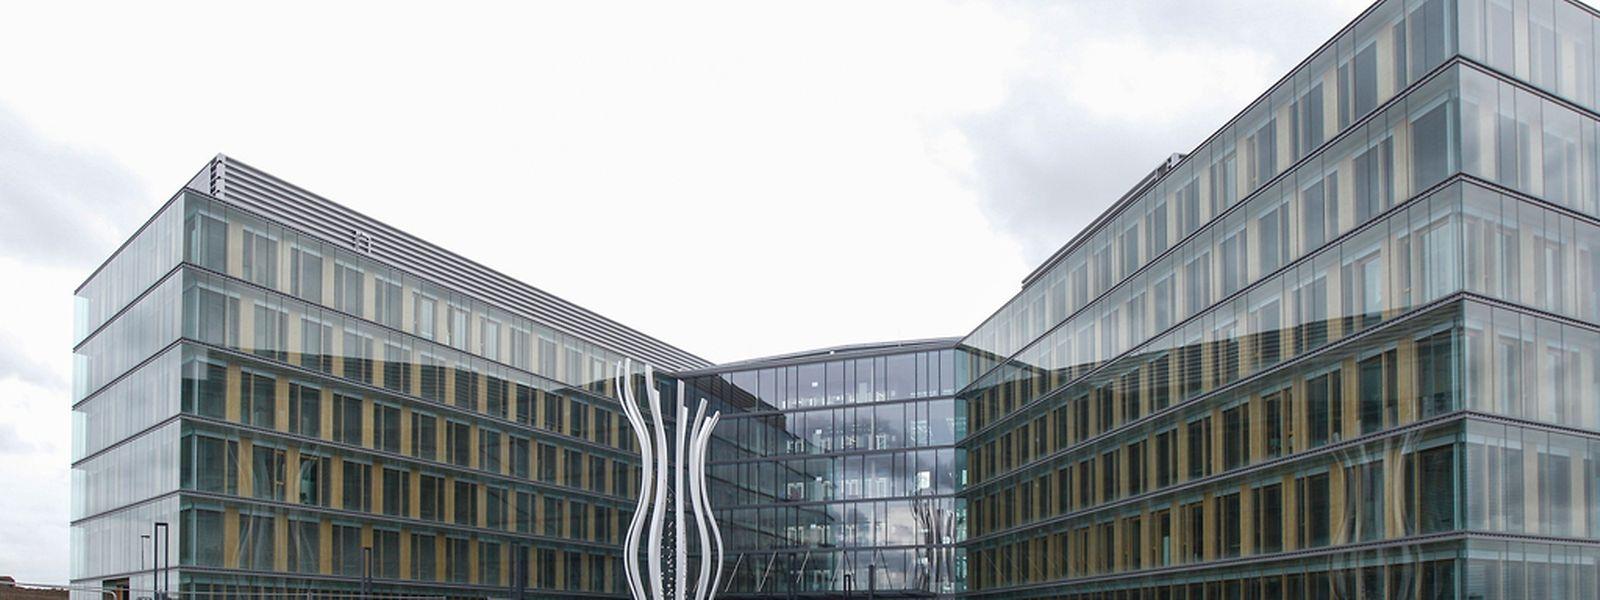 PwC Luxemburg sagt, die Unternehmensberatung habe geltendes Recht beachtet.